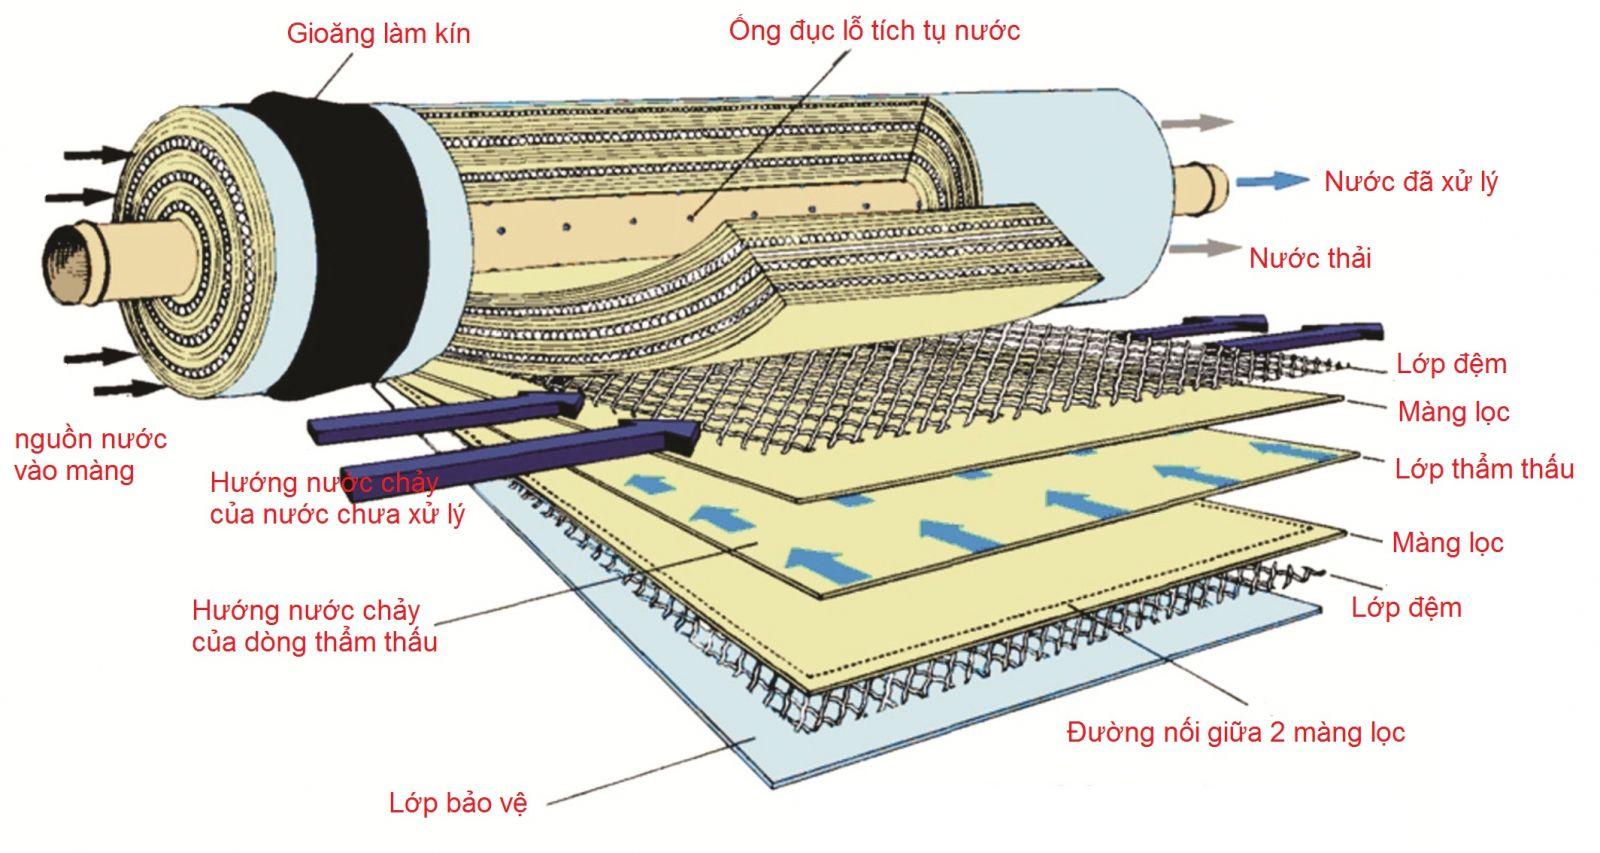 Công nghệ lọc nước công nghiệp nào tiên tiến nhất hiện nay?